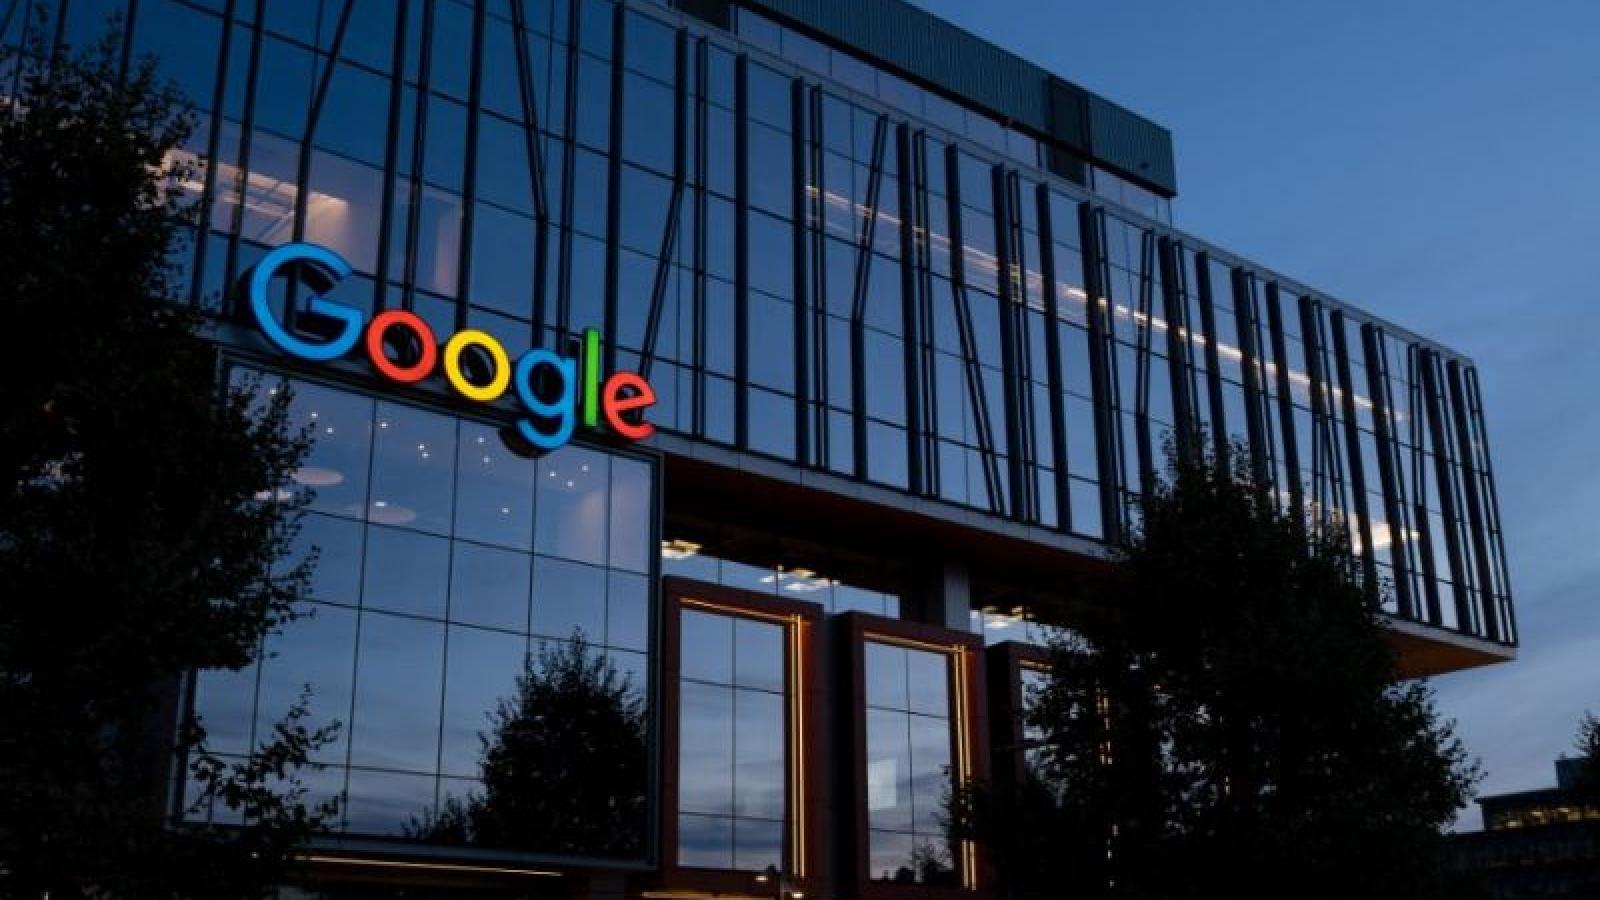 Các dịch vụ Google gặp sự cố ngừng hoạt động trên toàn thế giới